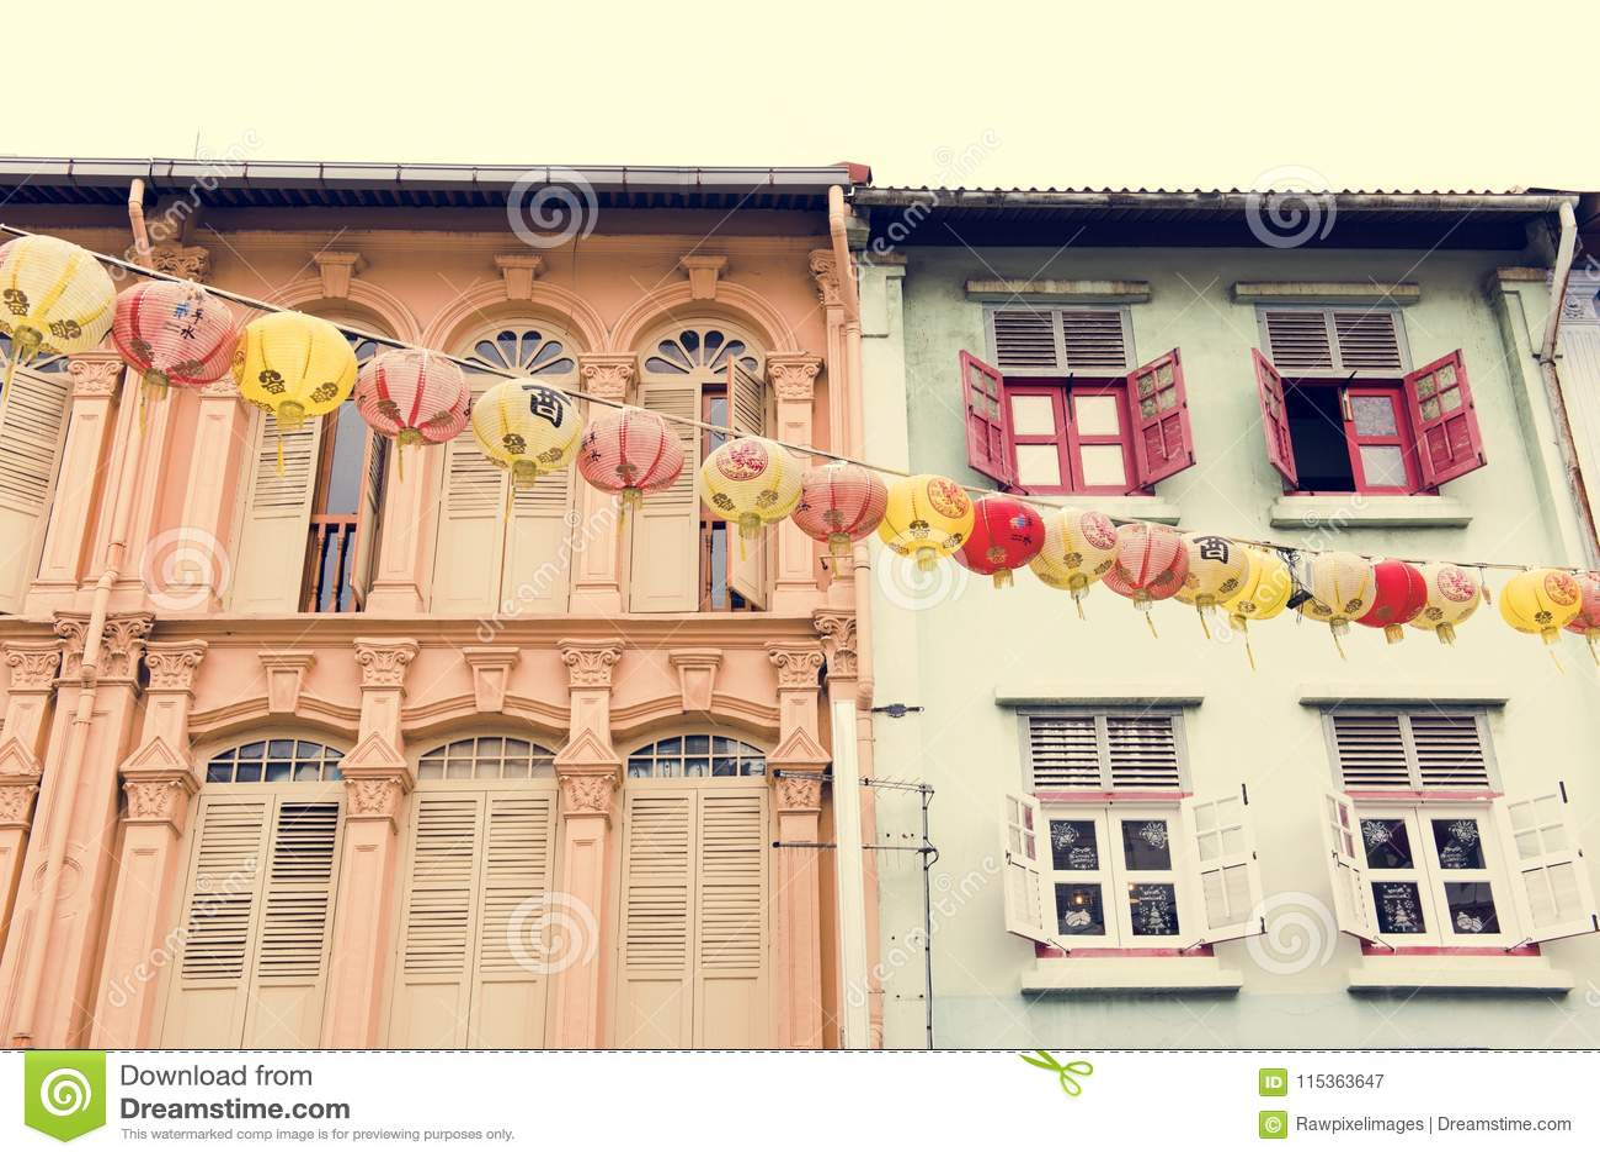 Красочные жилые дома рядом друг с другом